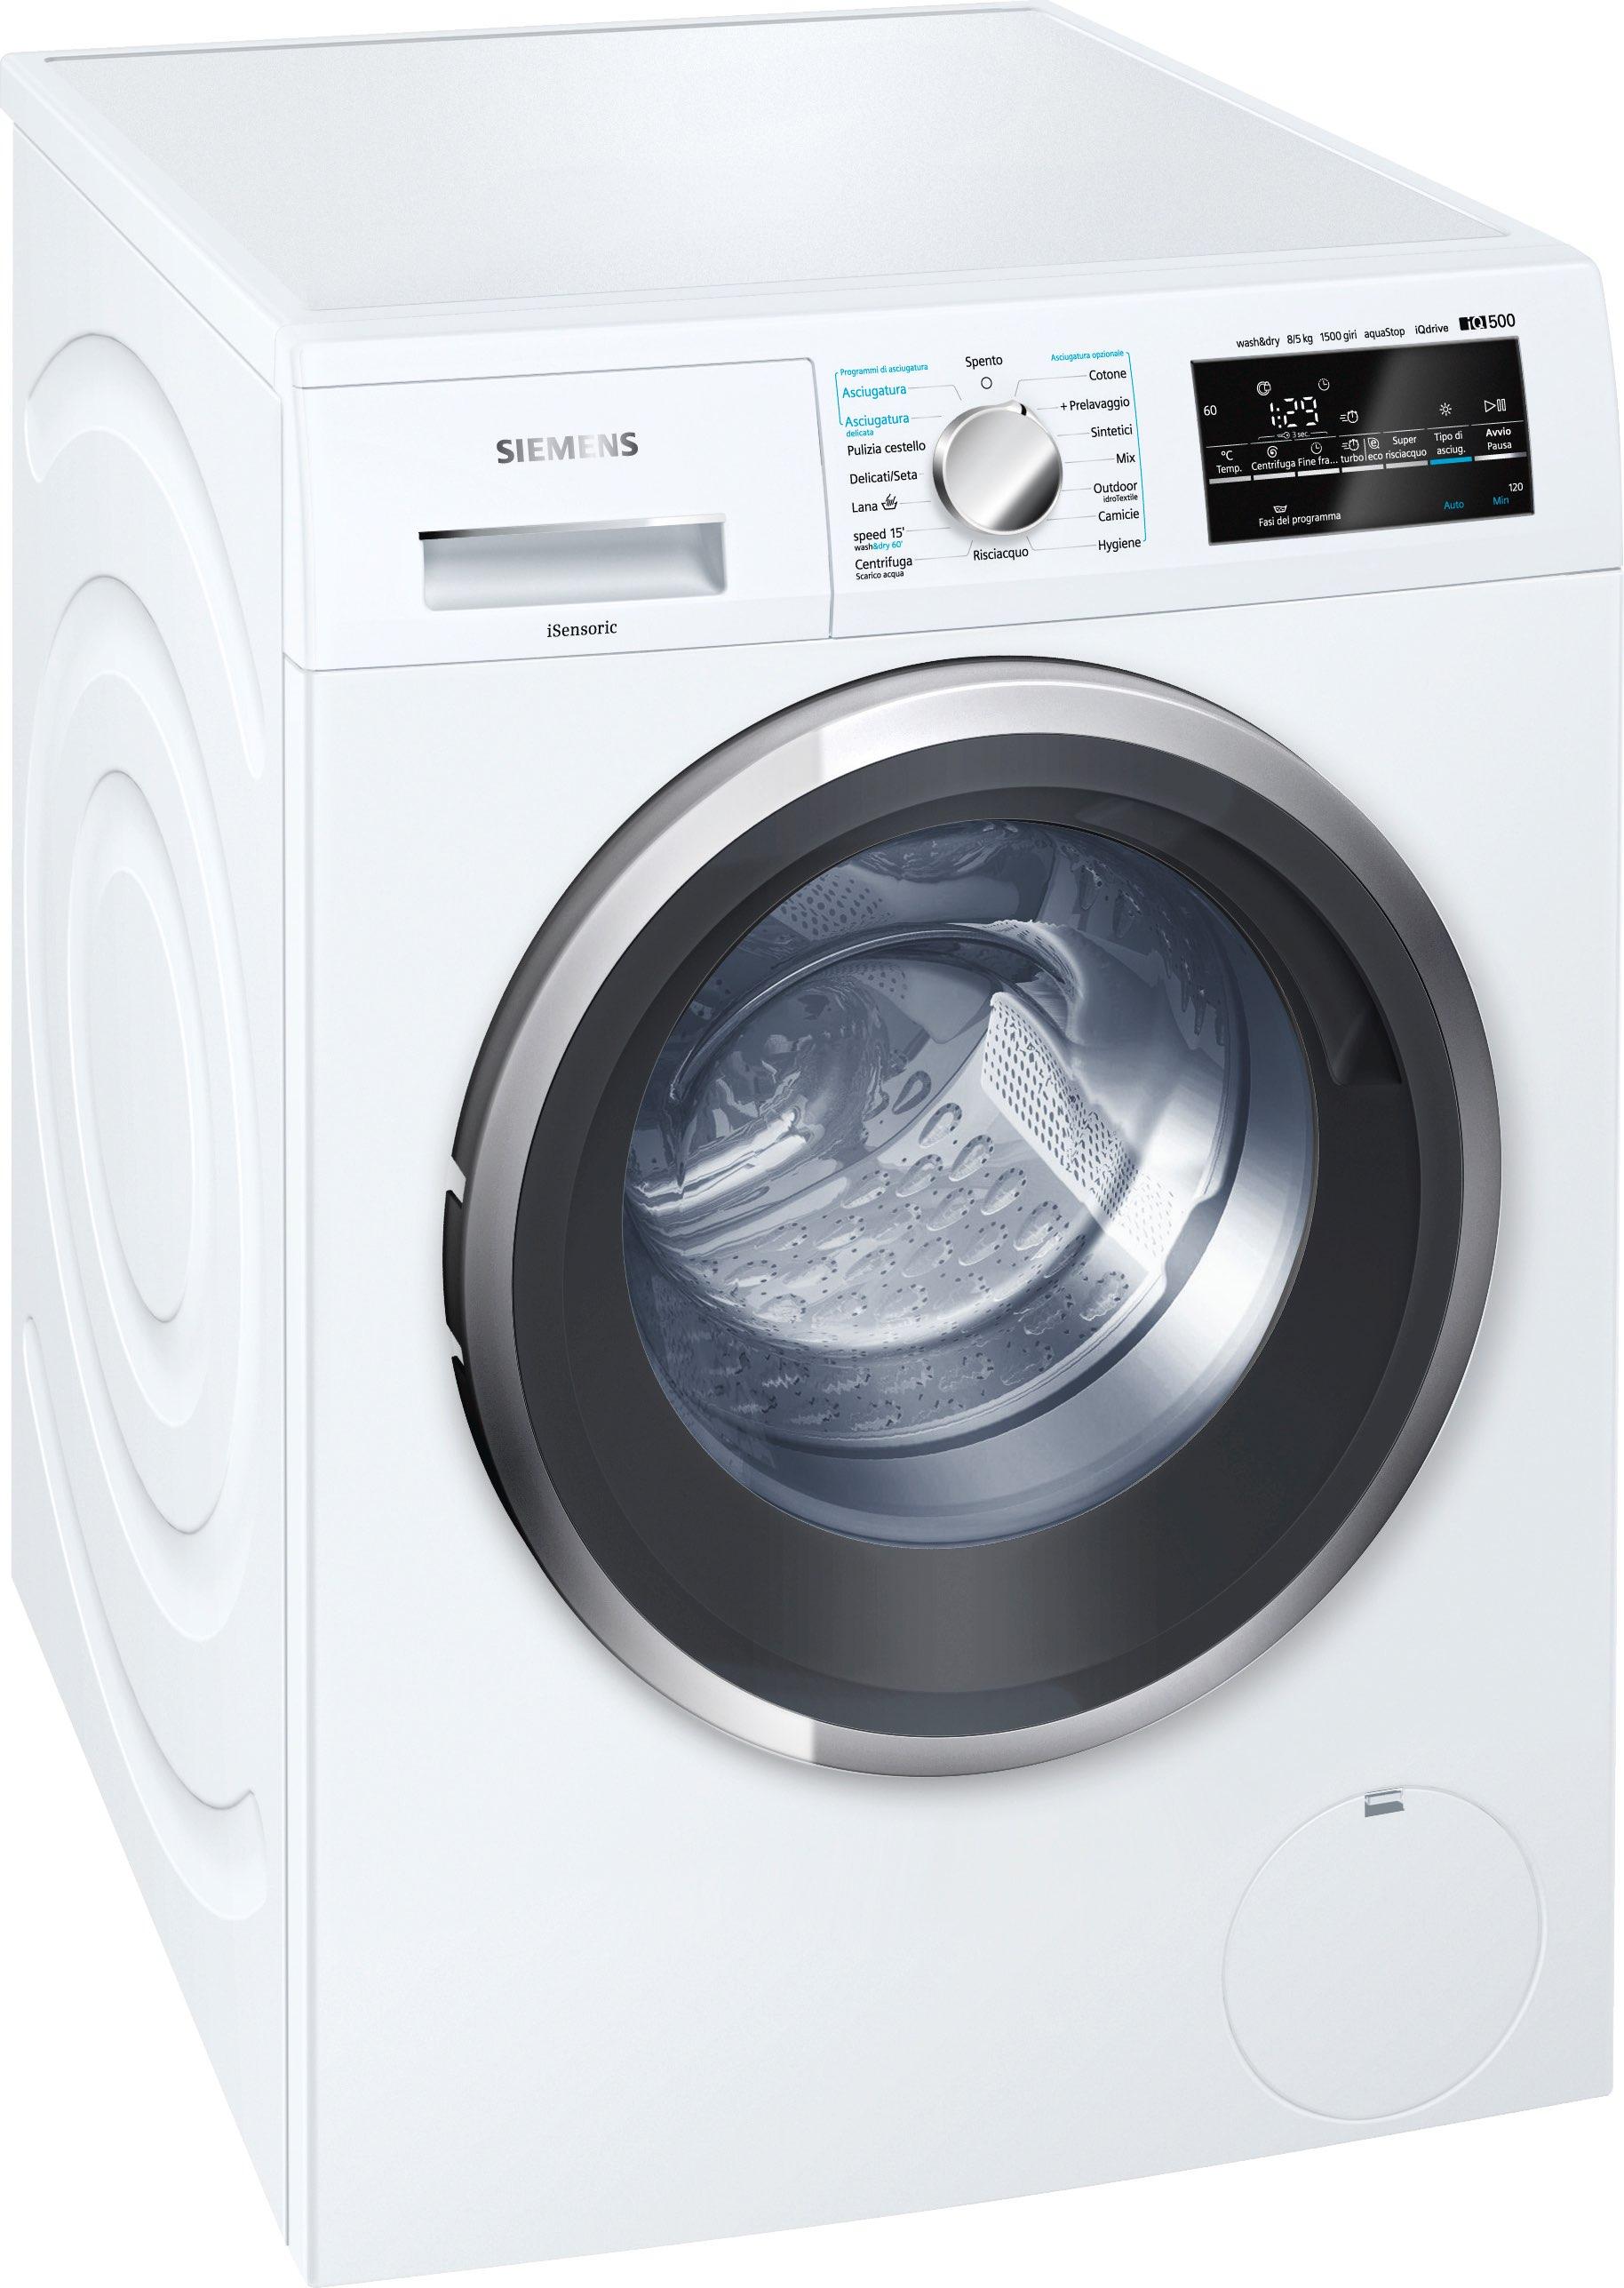 Siemens lavasciuga lavatrice asciugatrice capacit di for Siemens asciugatrice